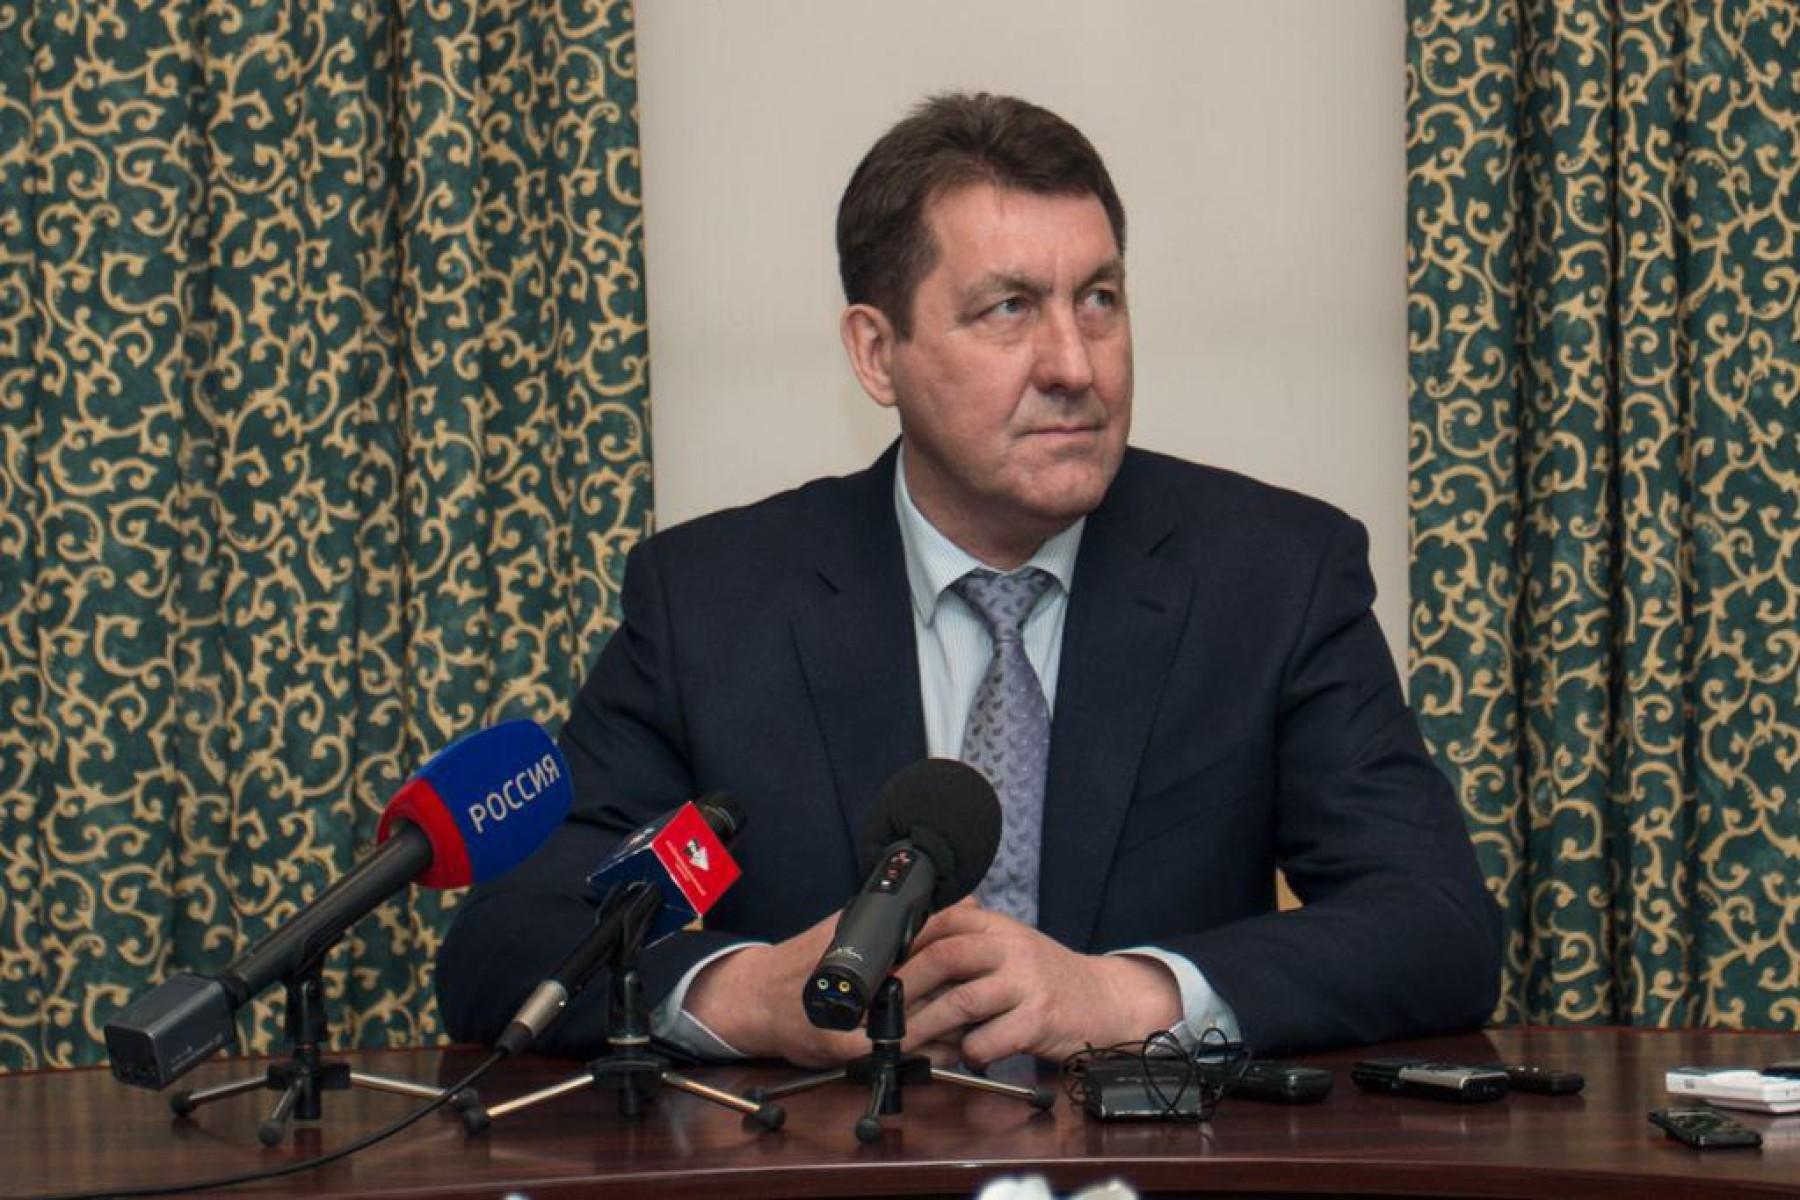 дровец глава администрации города барнаула дугин фото роуз